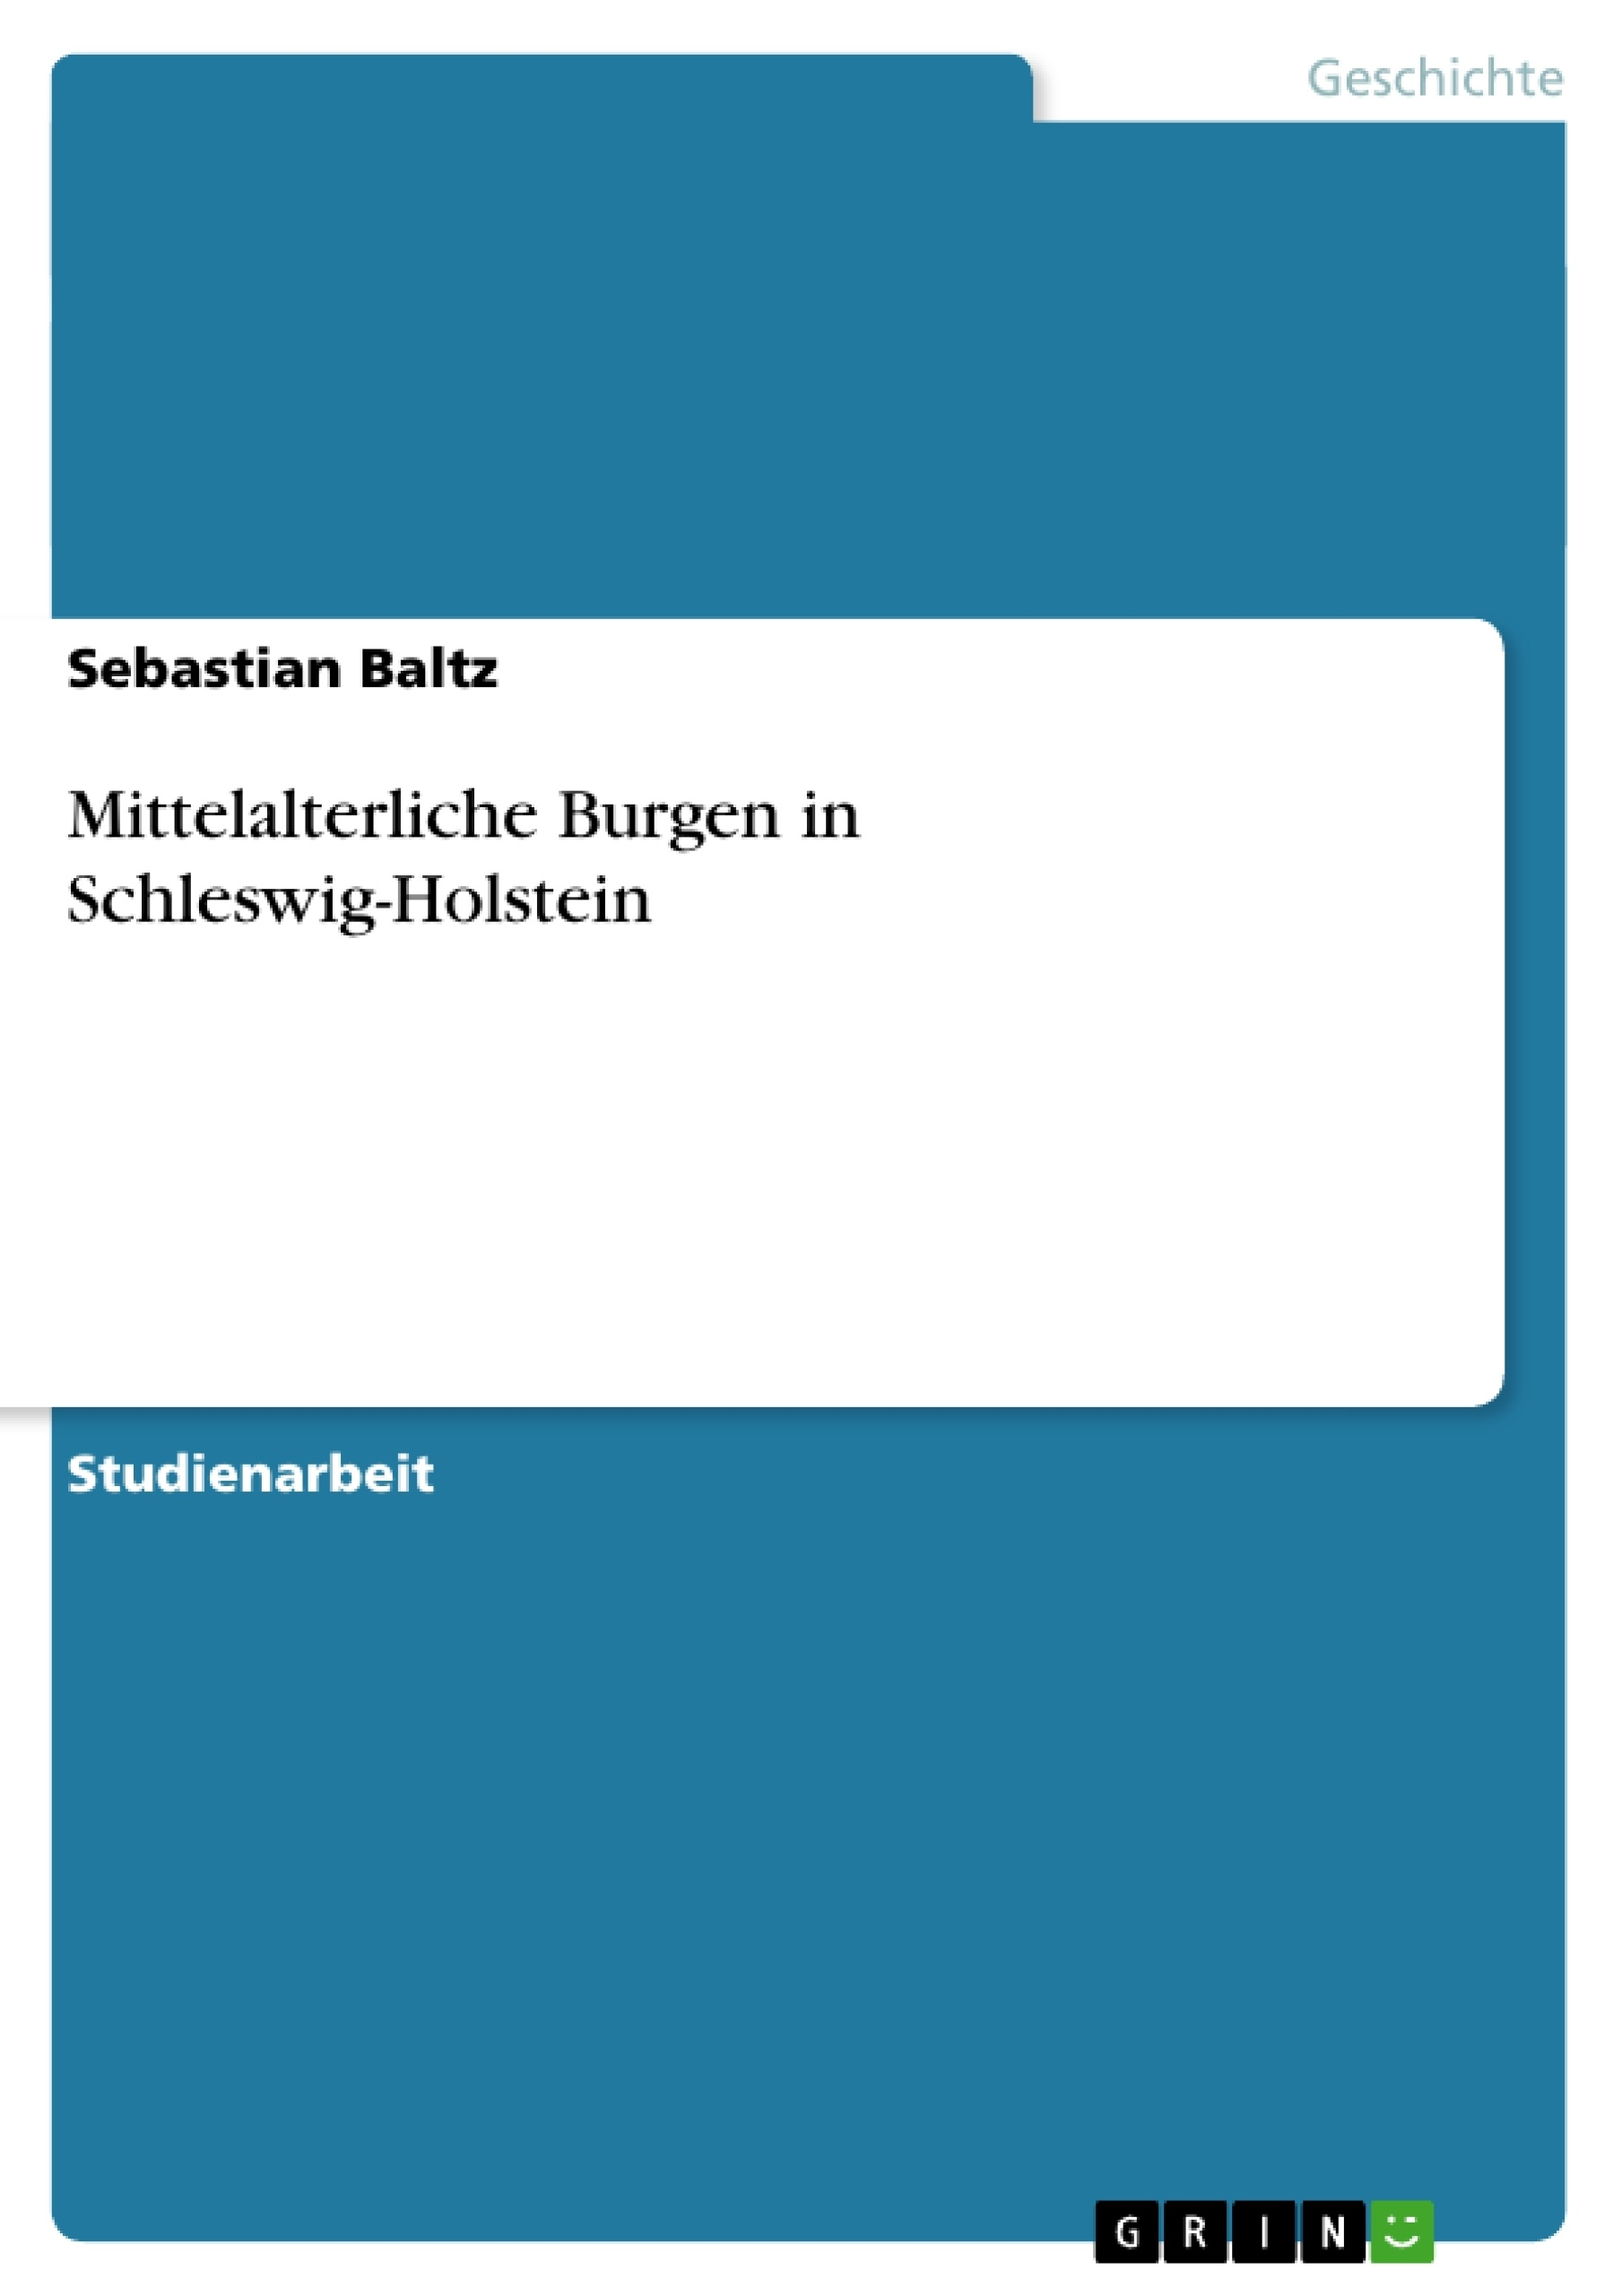 Titel: Mittelalterliche Burgen in Schleswig-Holstein